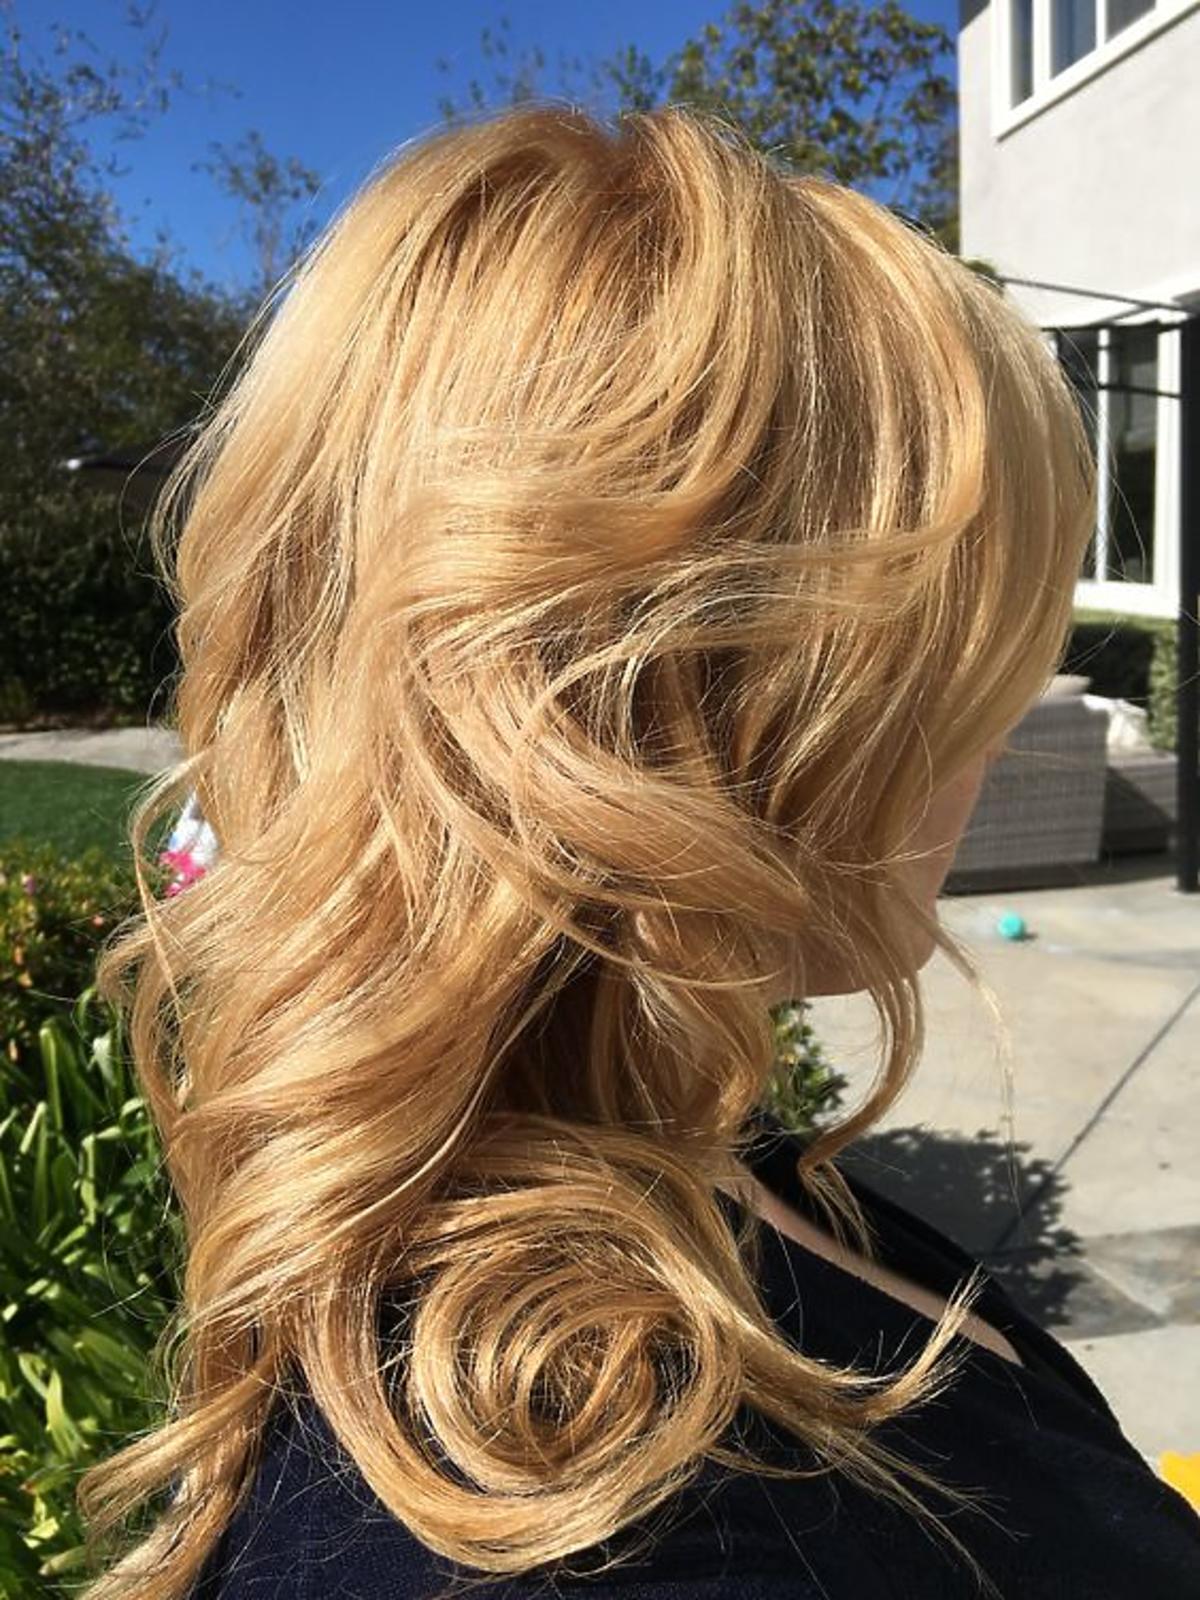 Koloryzacja buttery blonde